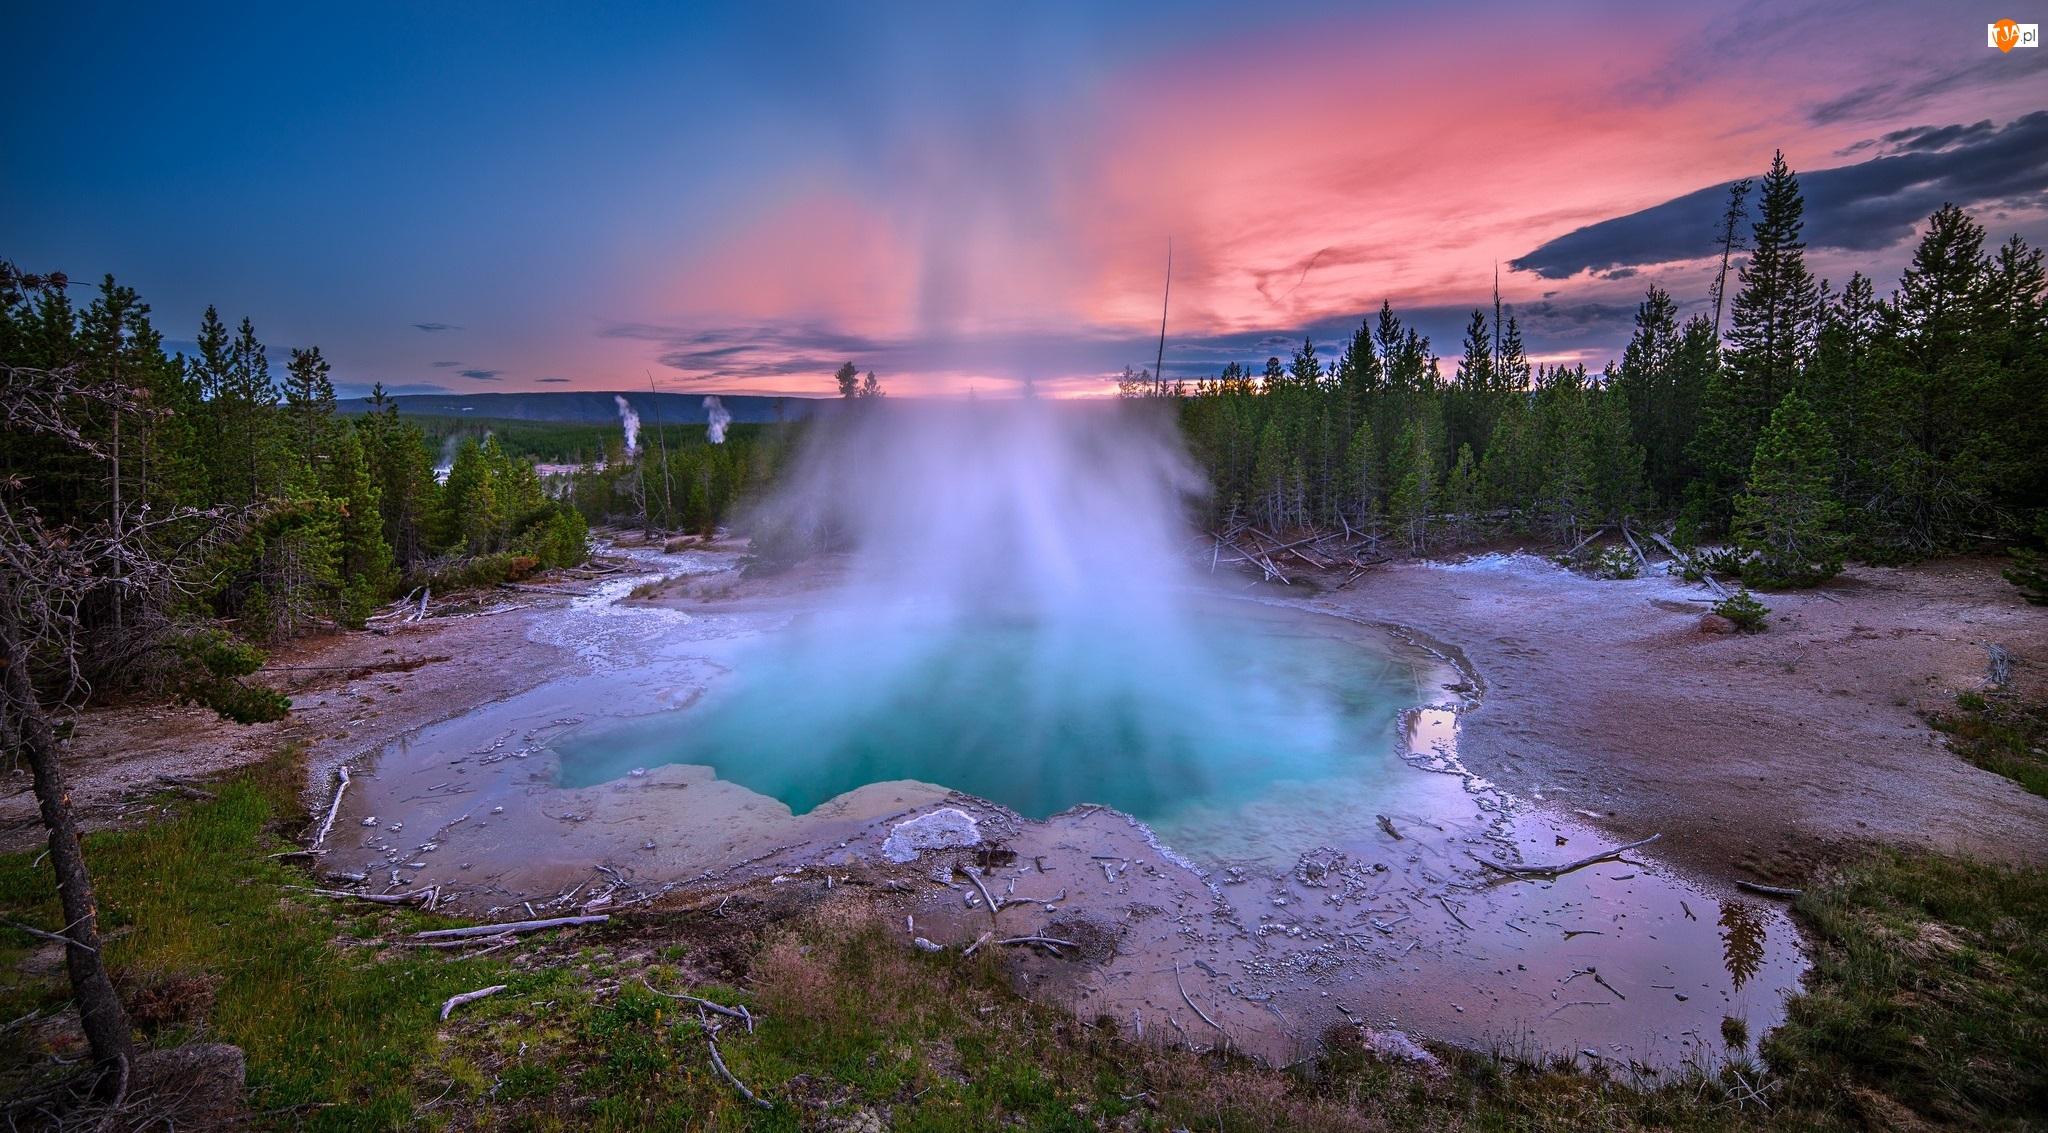 Gorące źródła, Stany Zjednoczone, Park Narodowy Yellowstone, Stan Wyoming, Gejzery